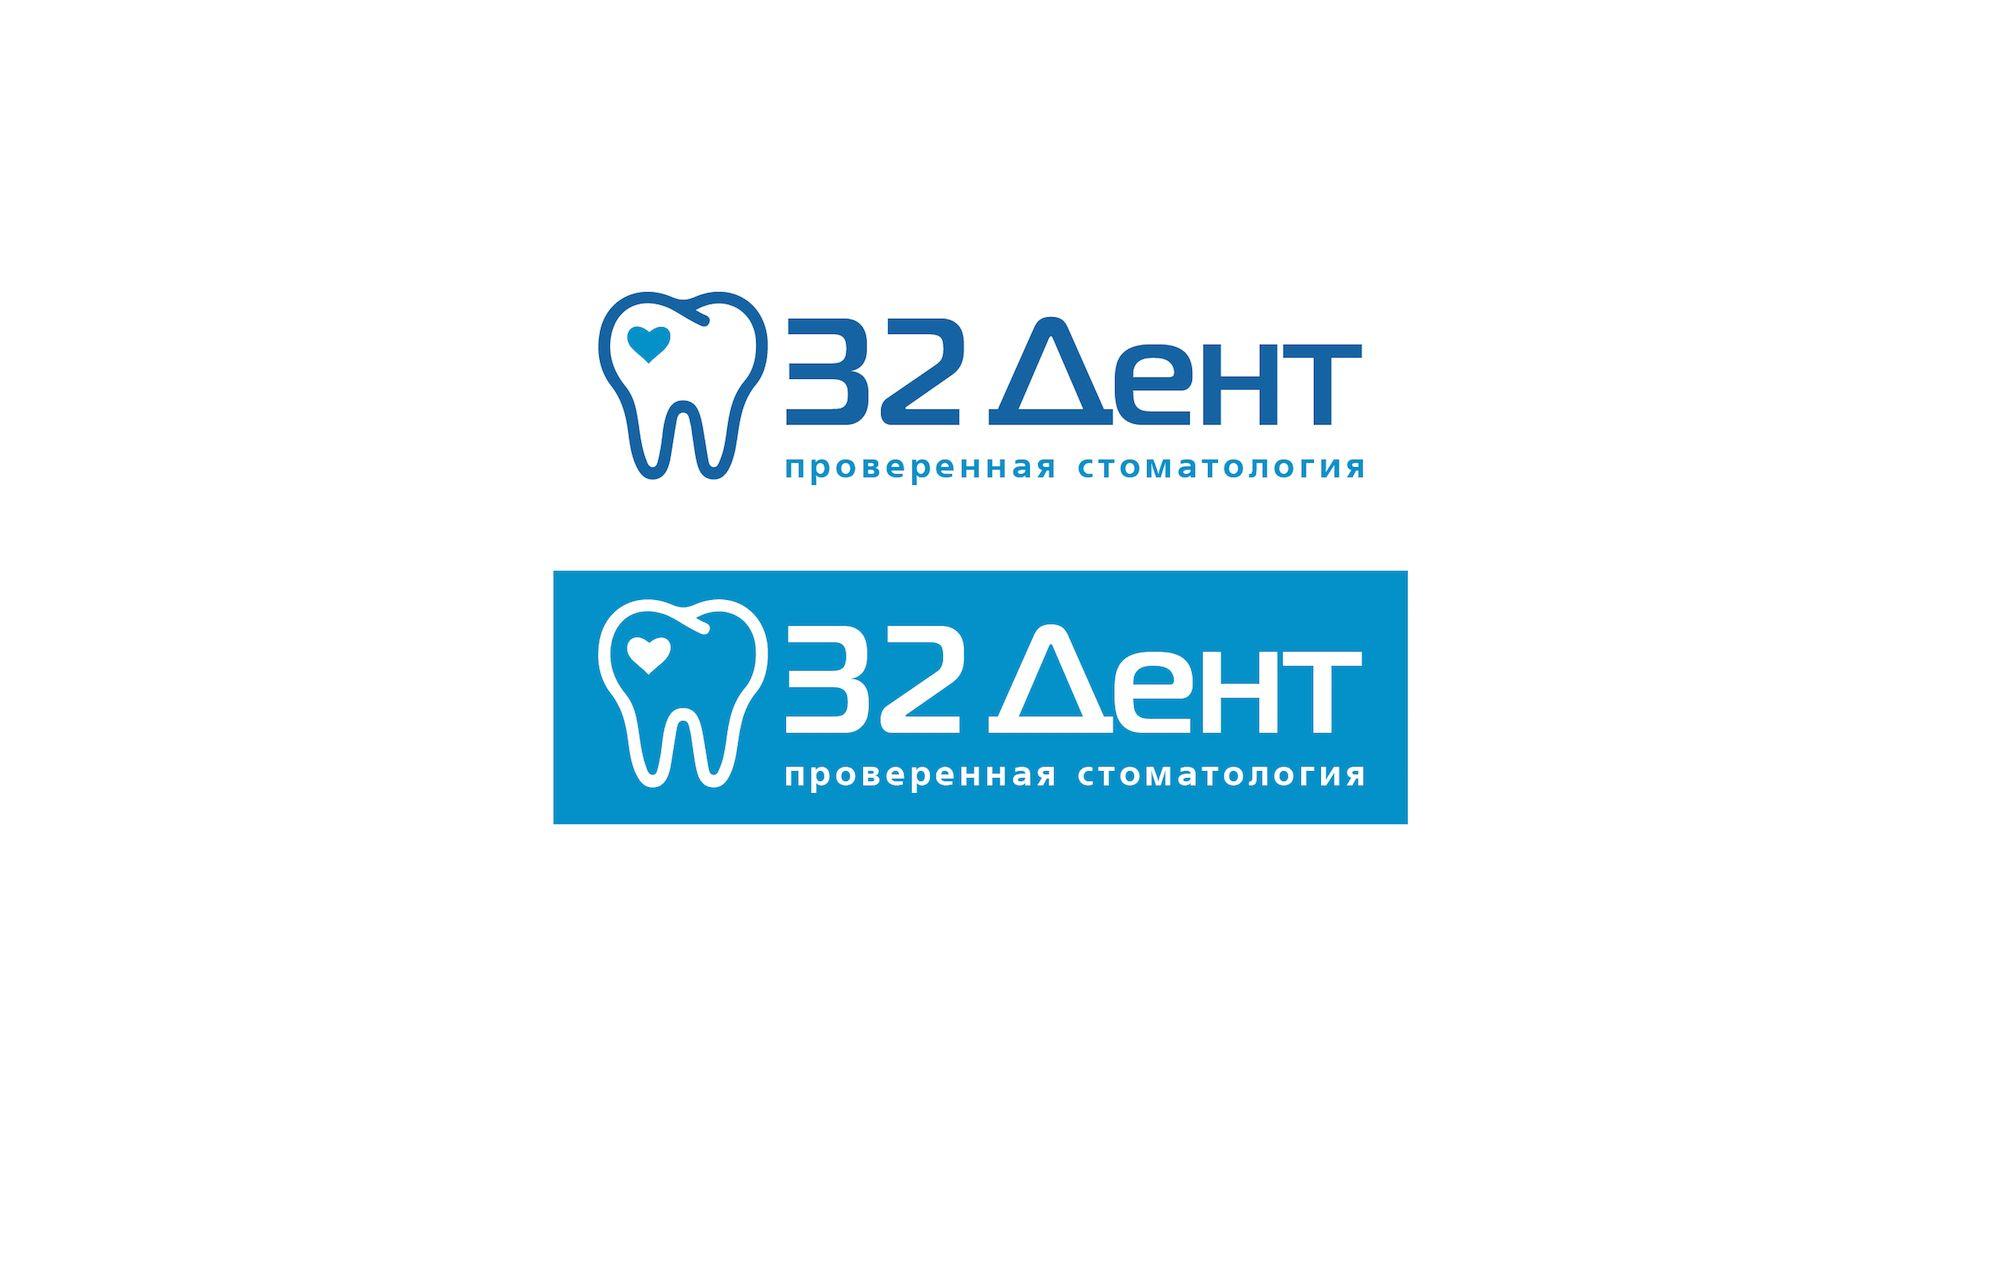 Логотип для сети стоматологических клиник - дизайнер nuta_m_